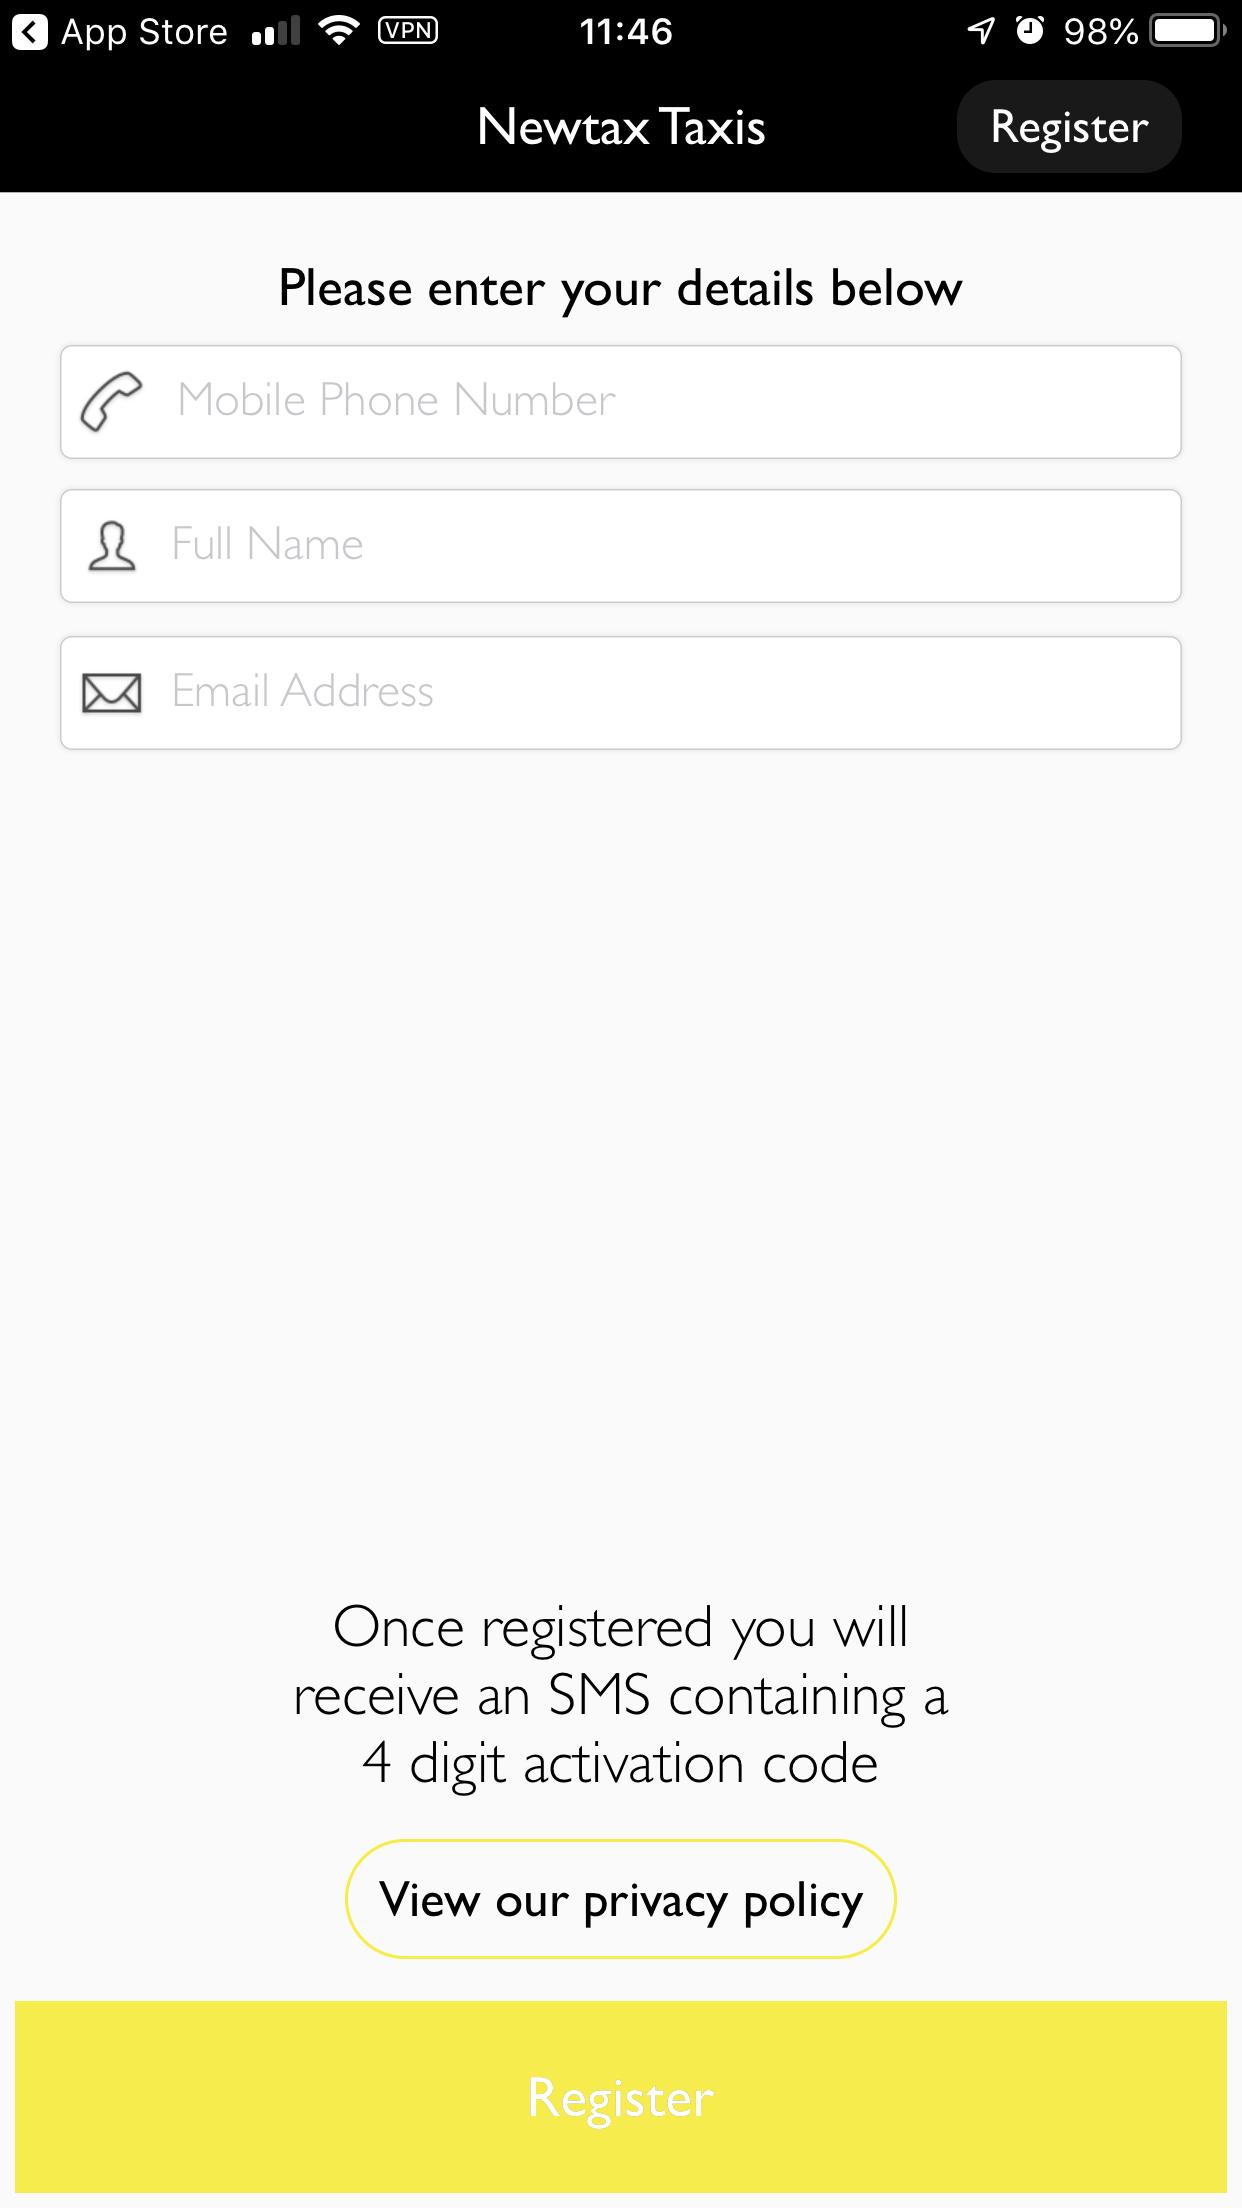 Newtax Taxi App Enter details